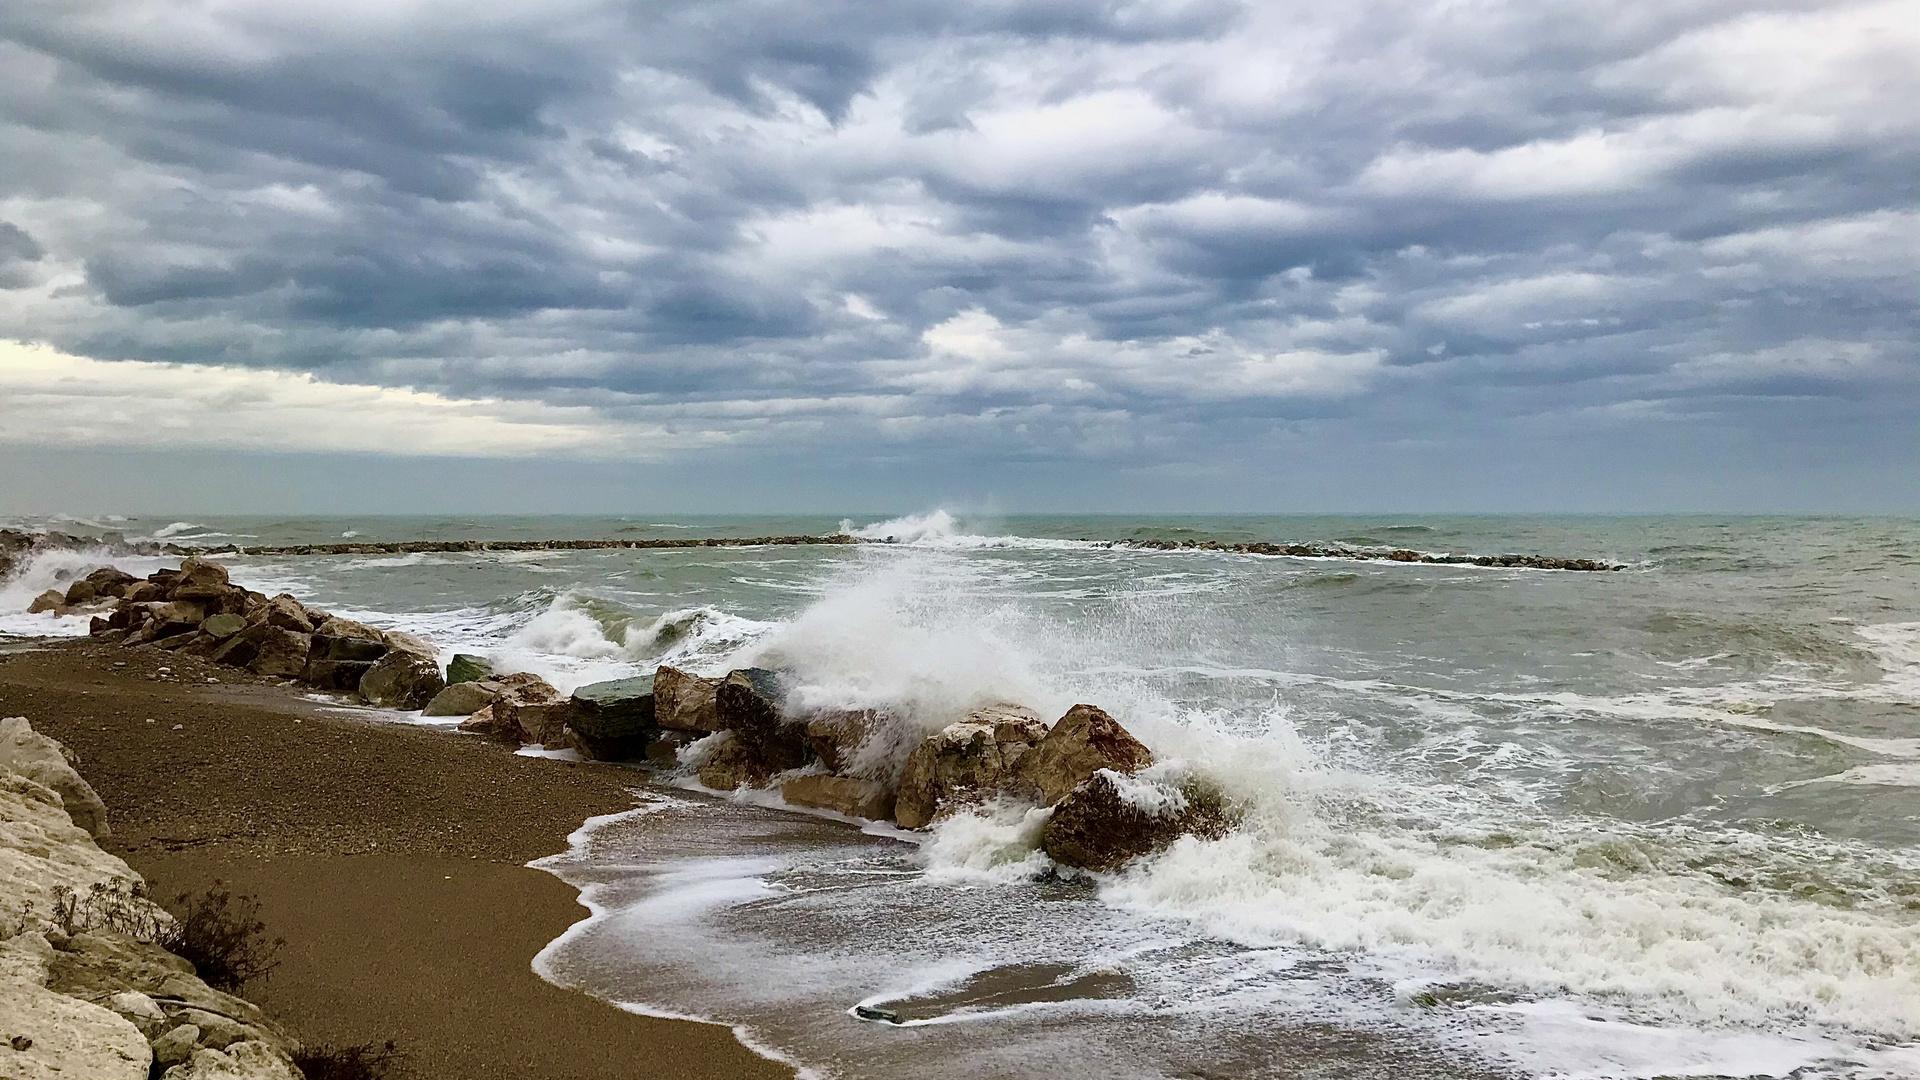 The sea in winter 2